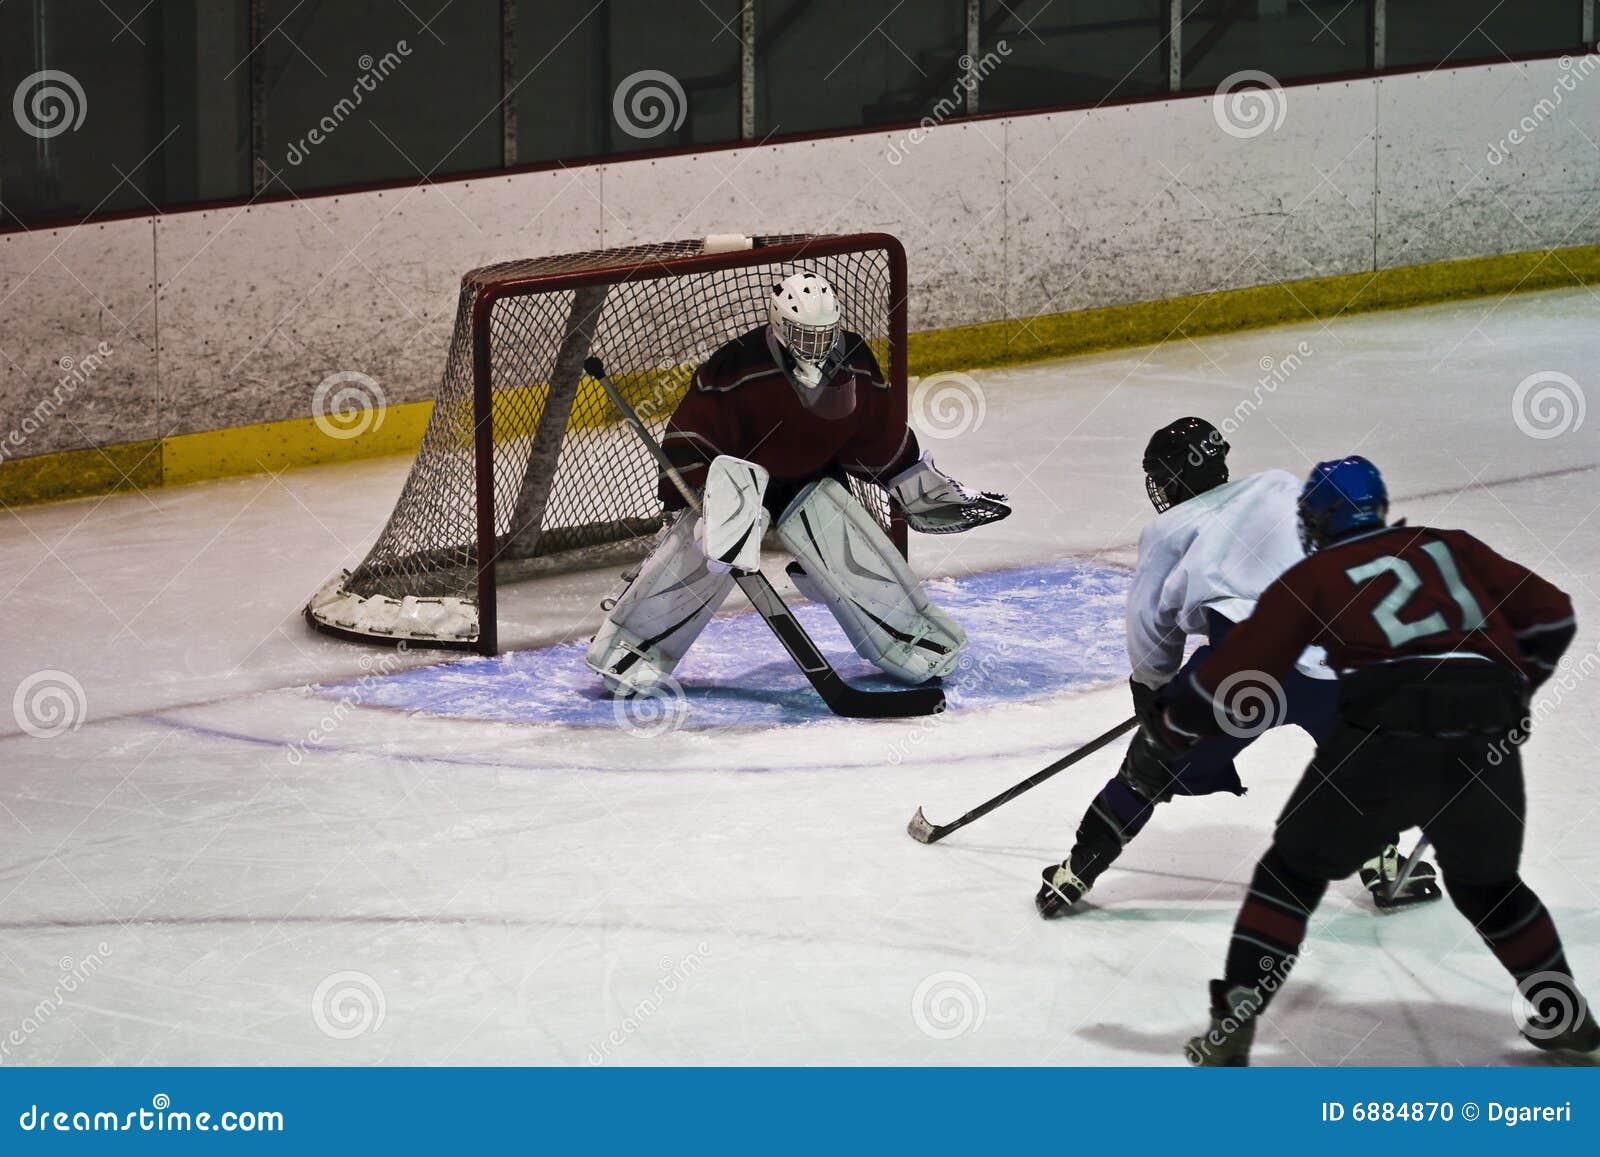 活动曲棍球冰